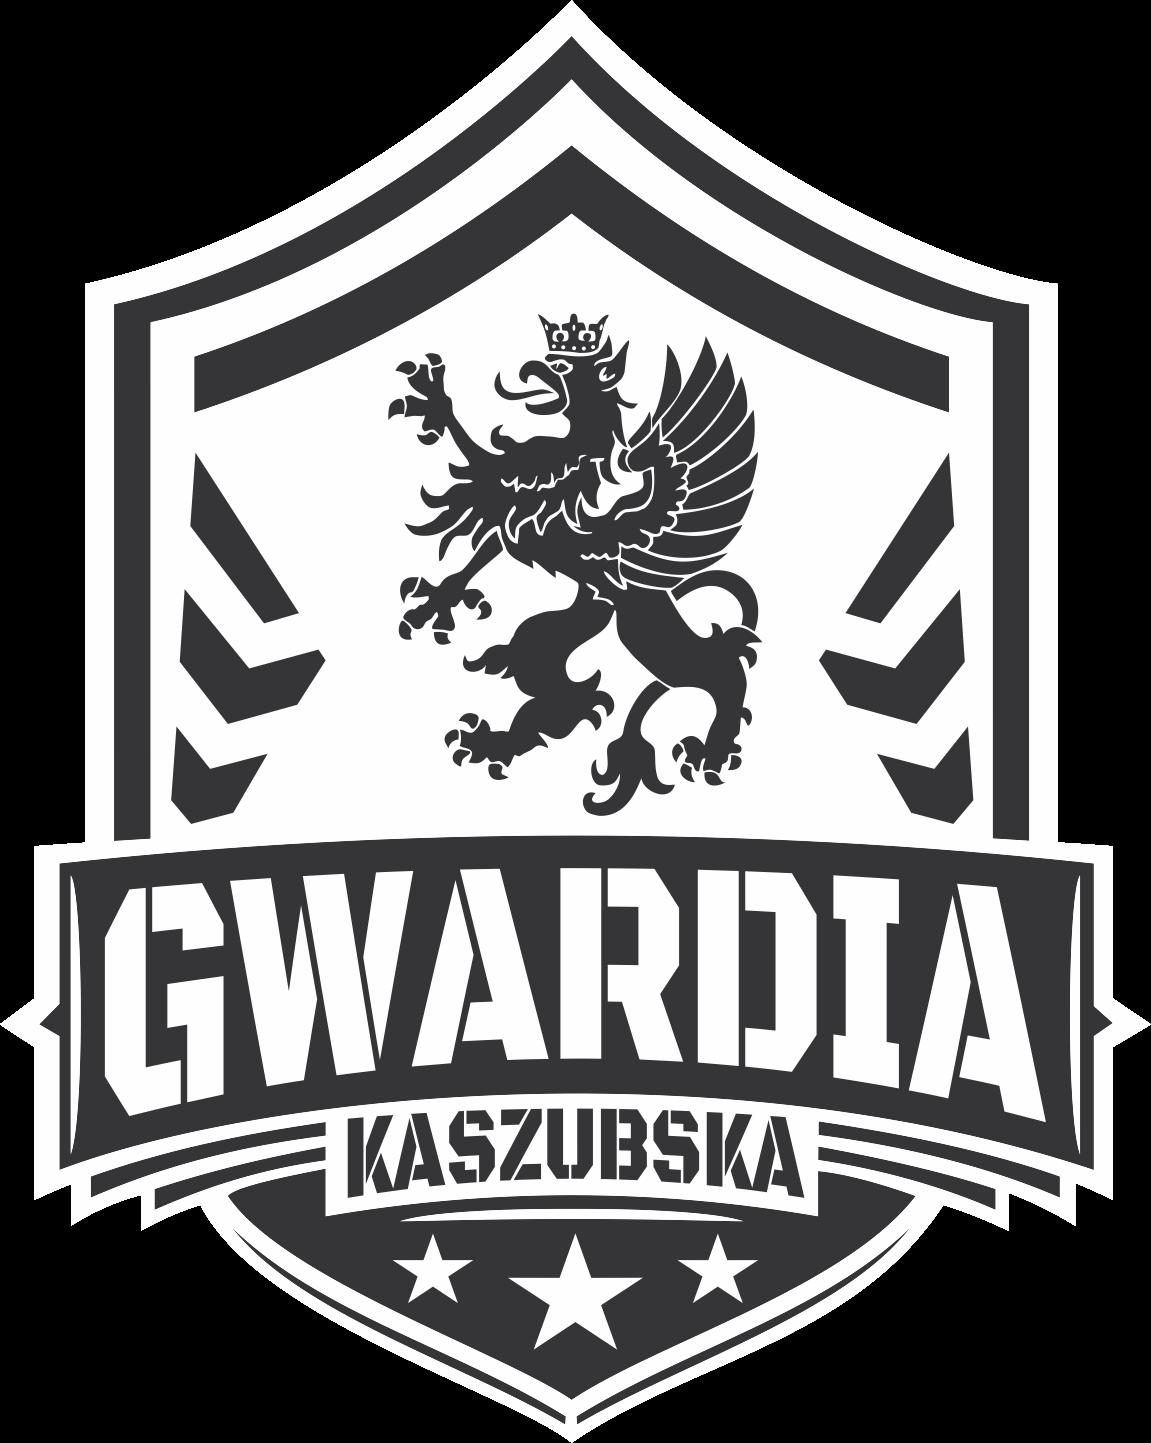 Gwardia Kaszubska